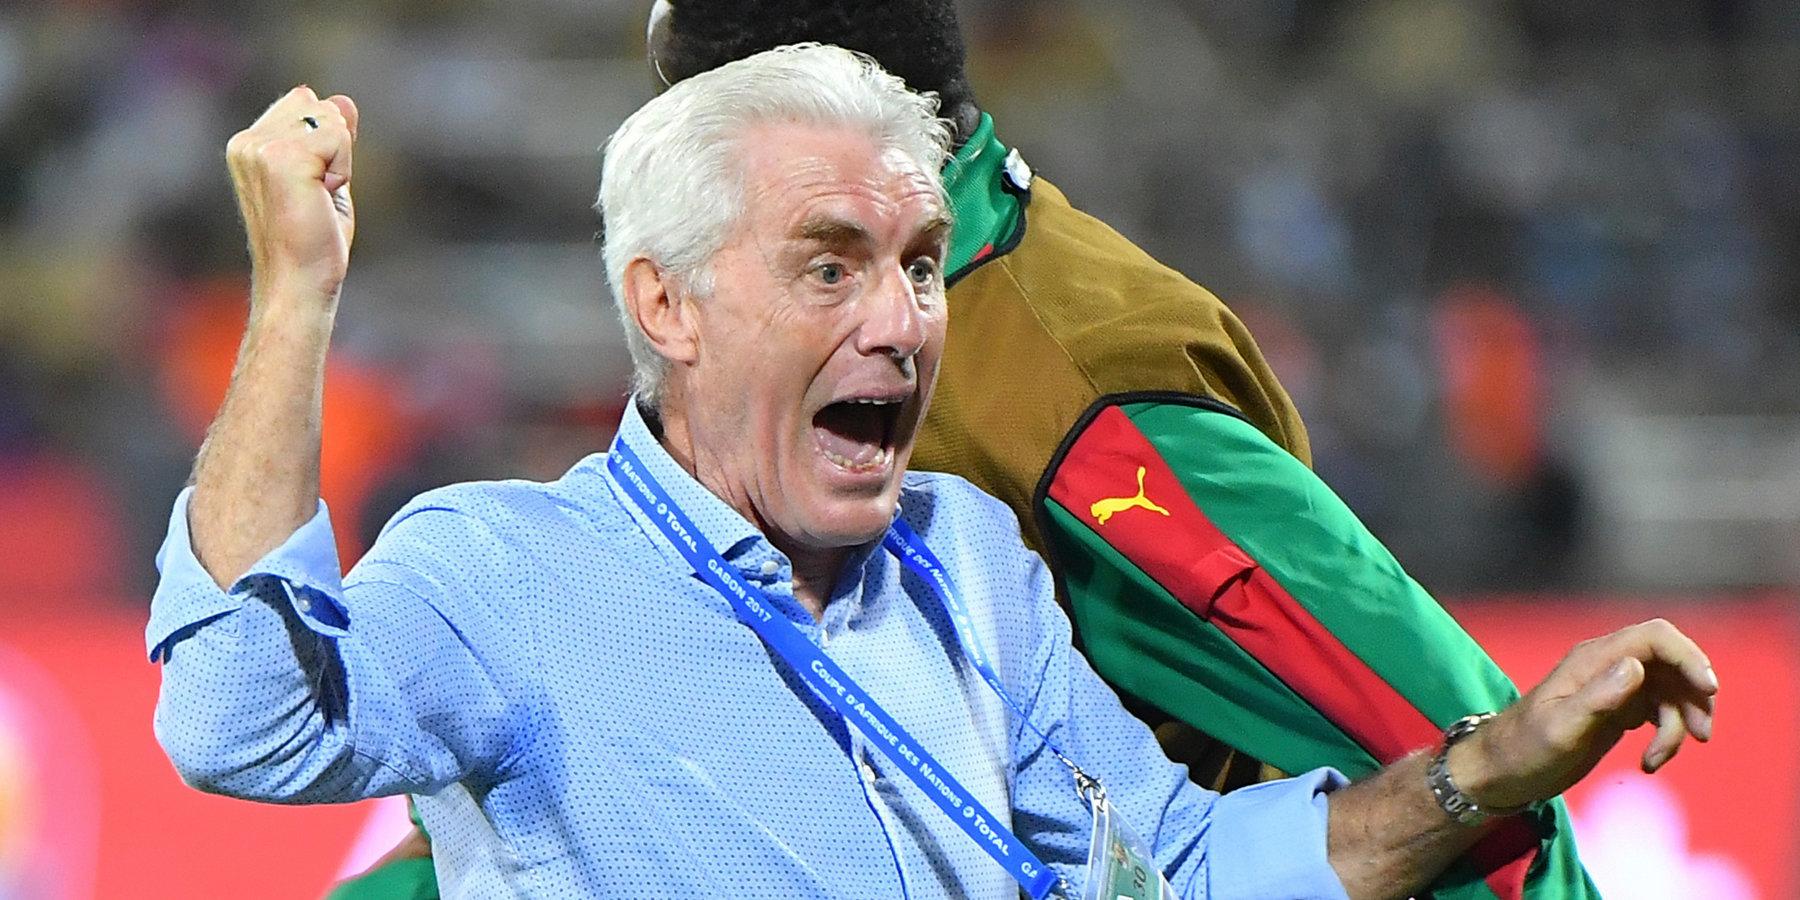 Австралийцам необходимо проявить храбрость вигре скамерунскими футболистами— Миллиган